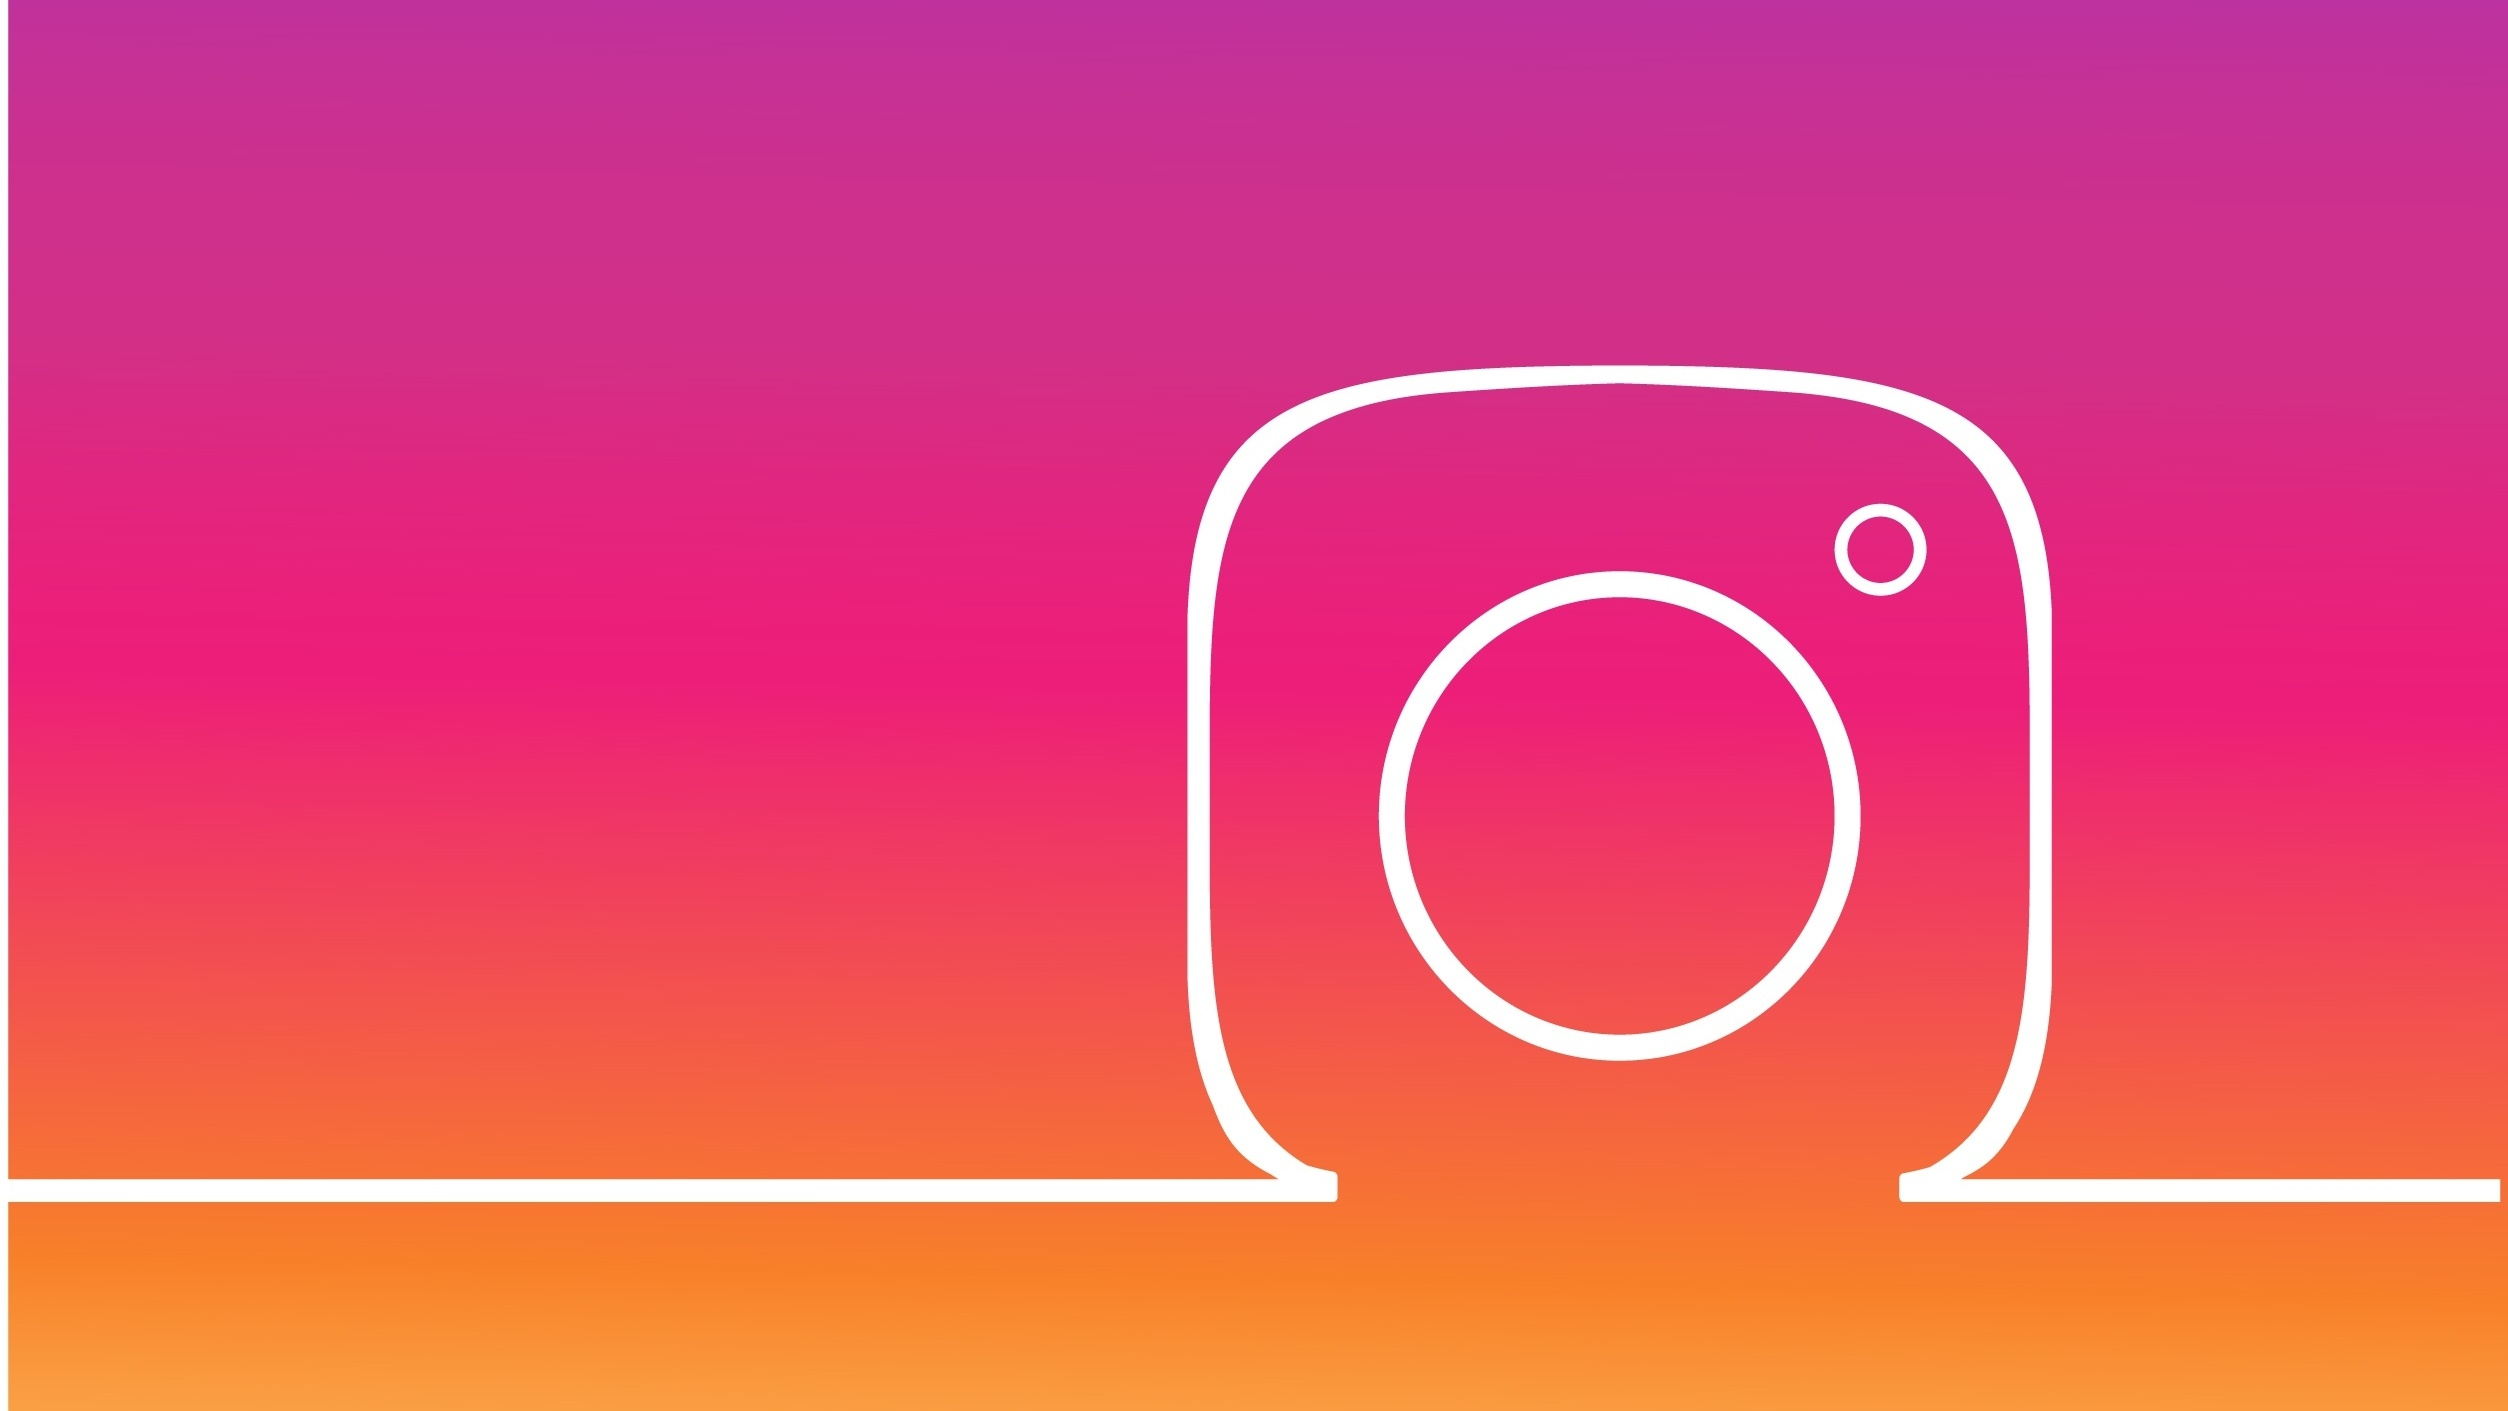 Ok_engasjementet_med_kommenter_og_vinn-konkurranser_på_Instagram-932867-edited.jpg